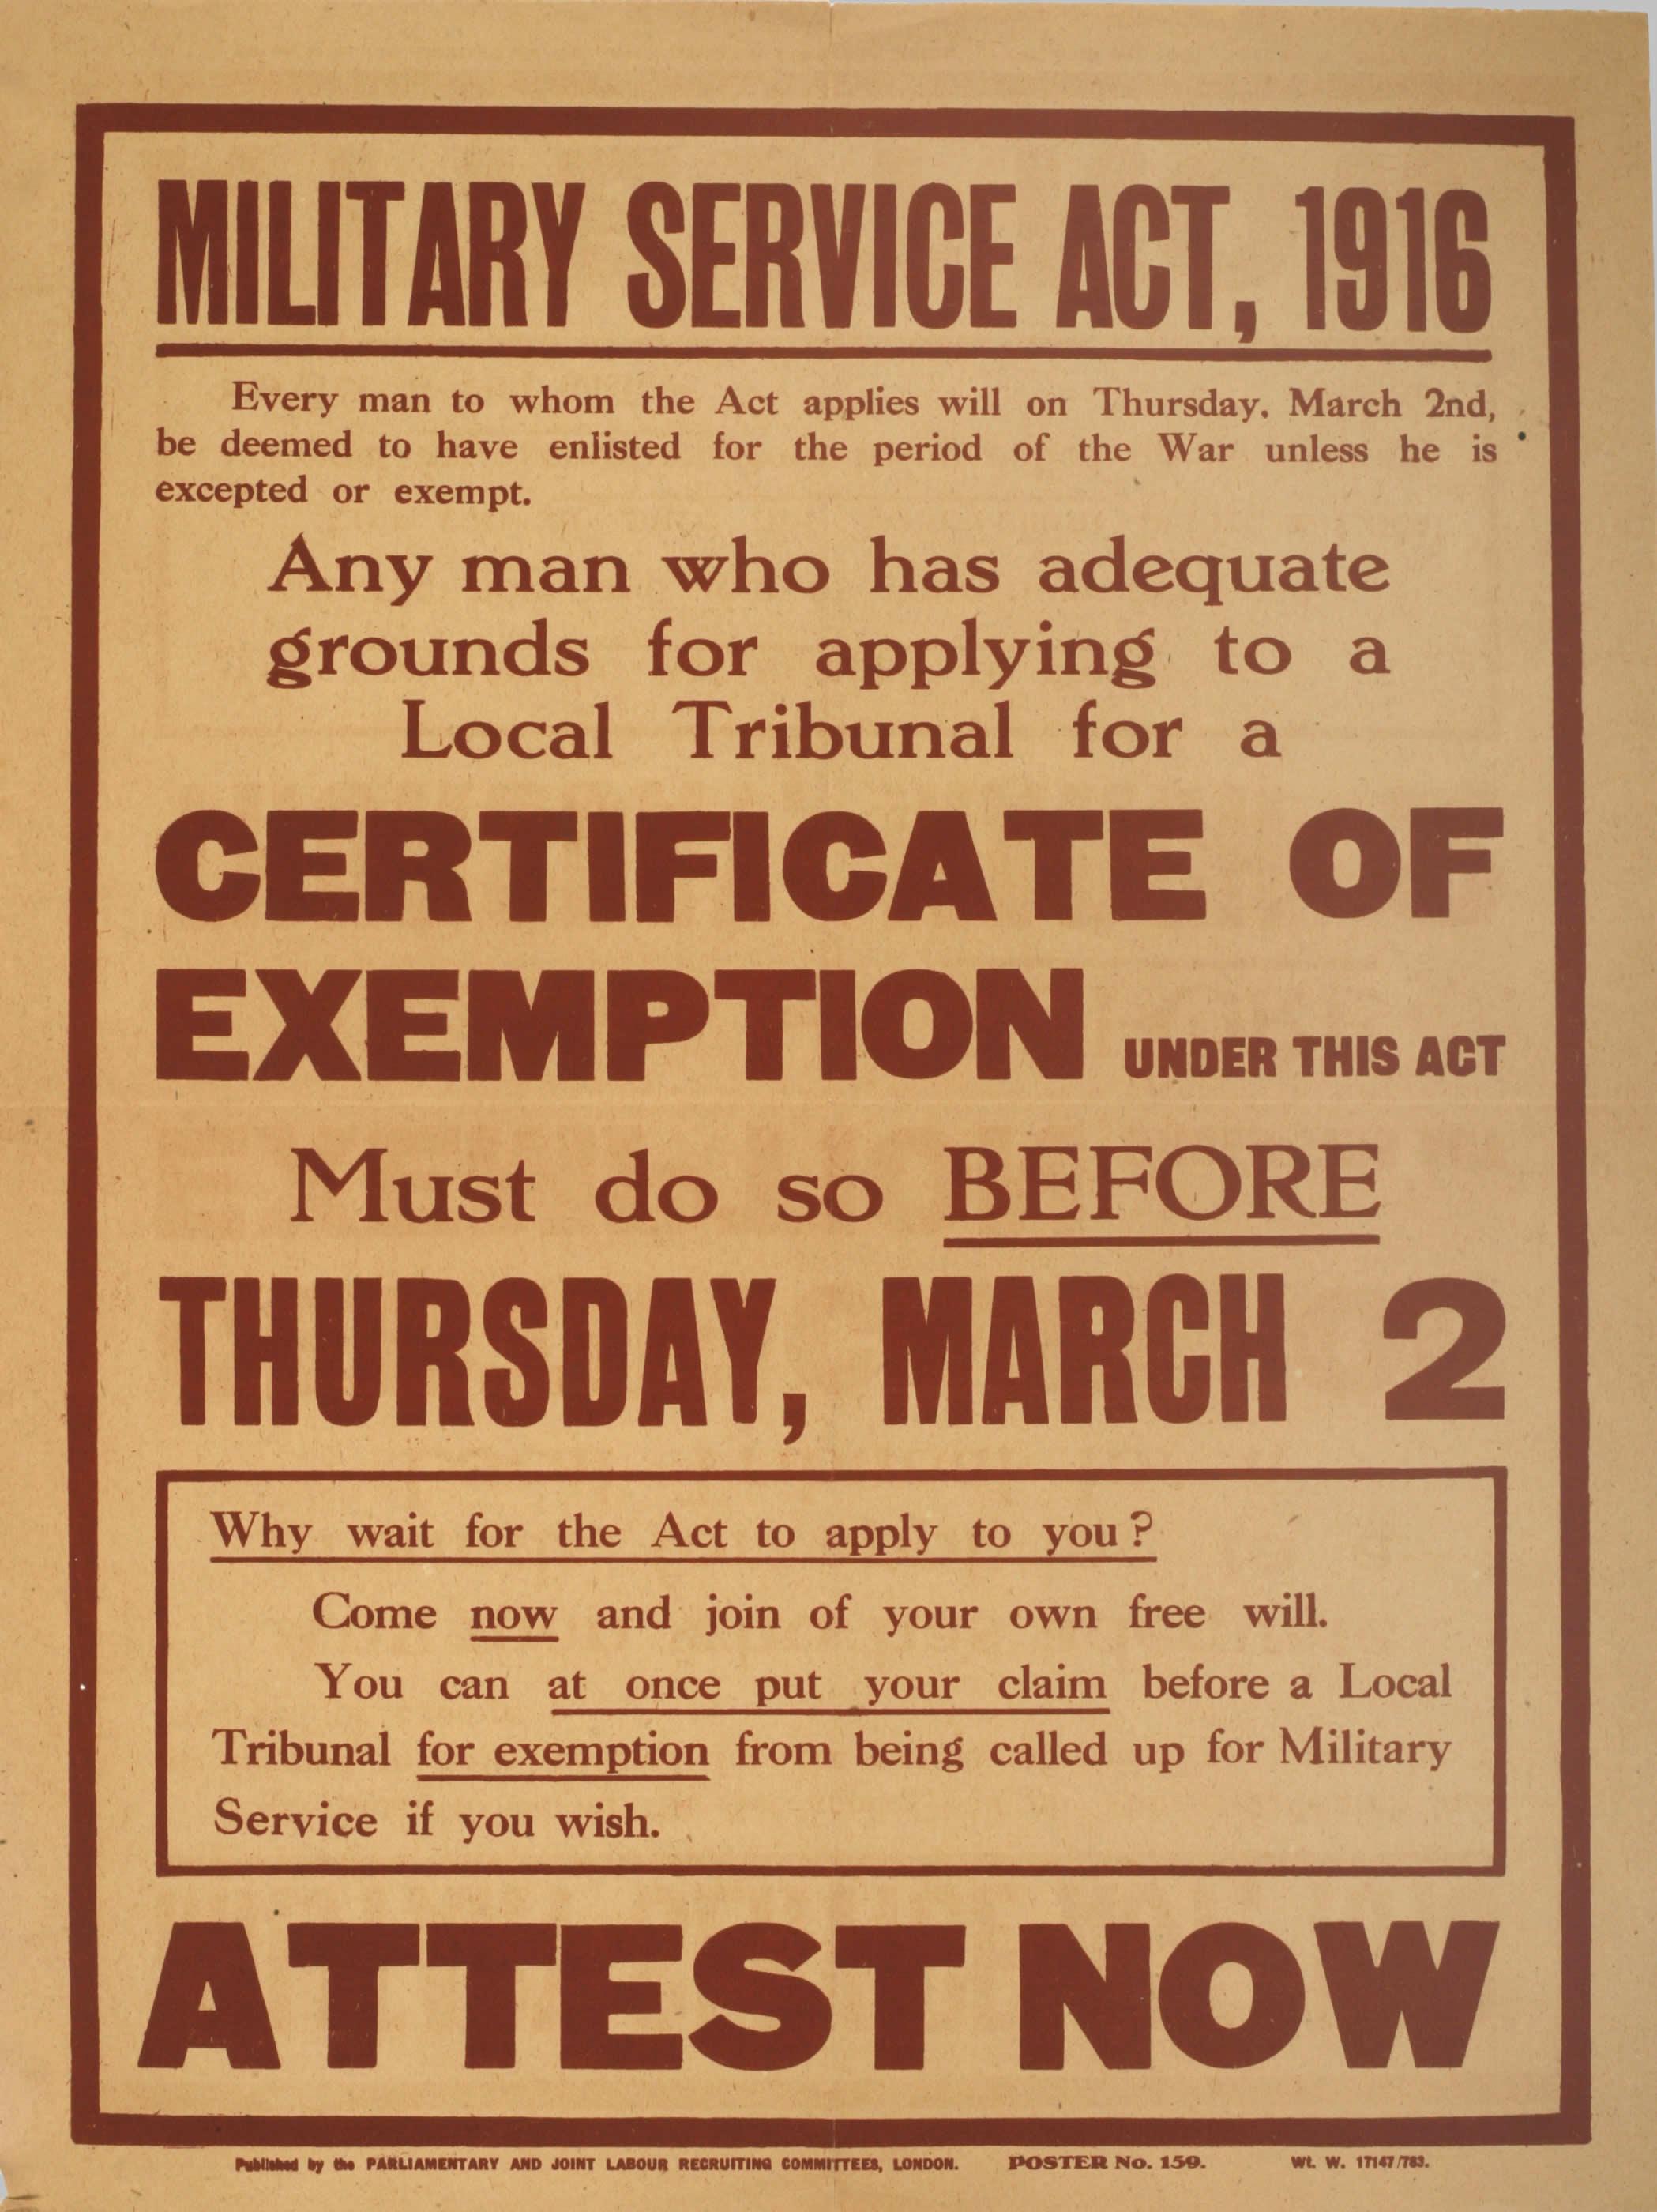 <i>Military Service Act, 1916</i>